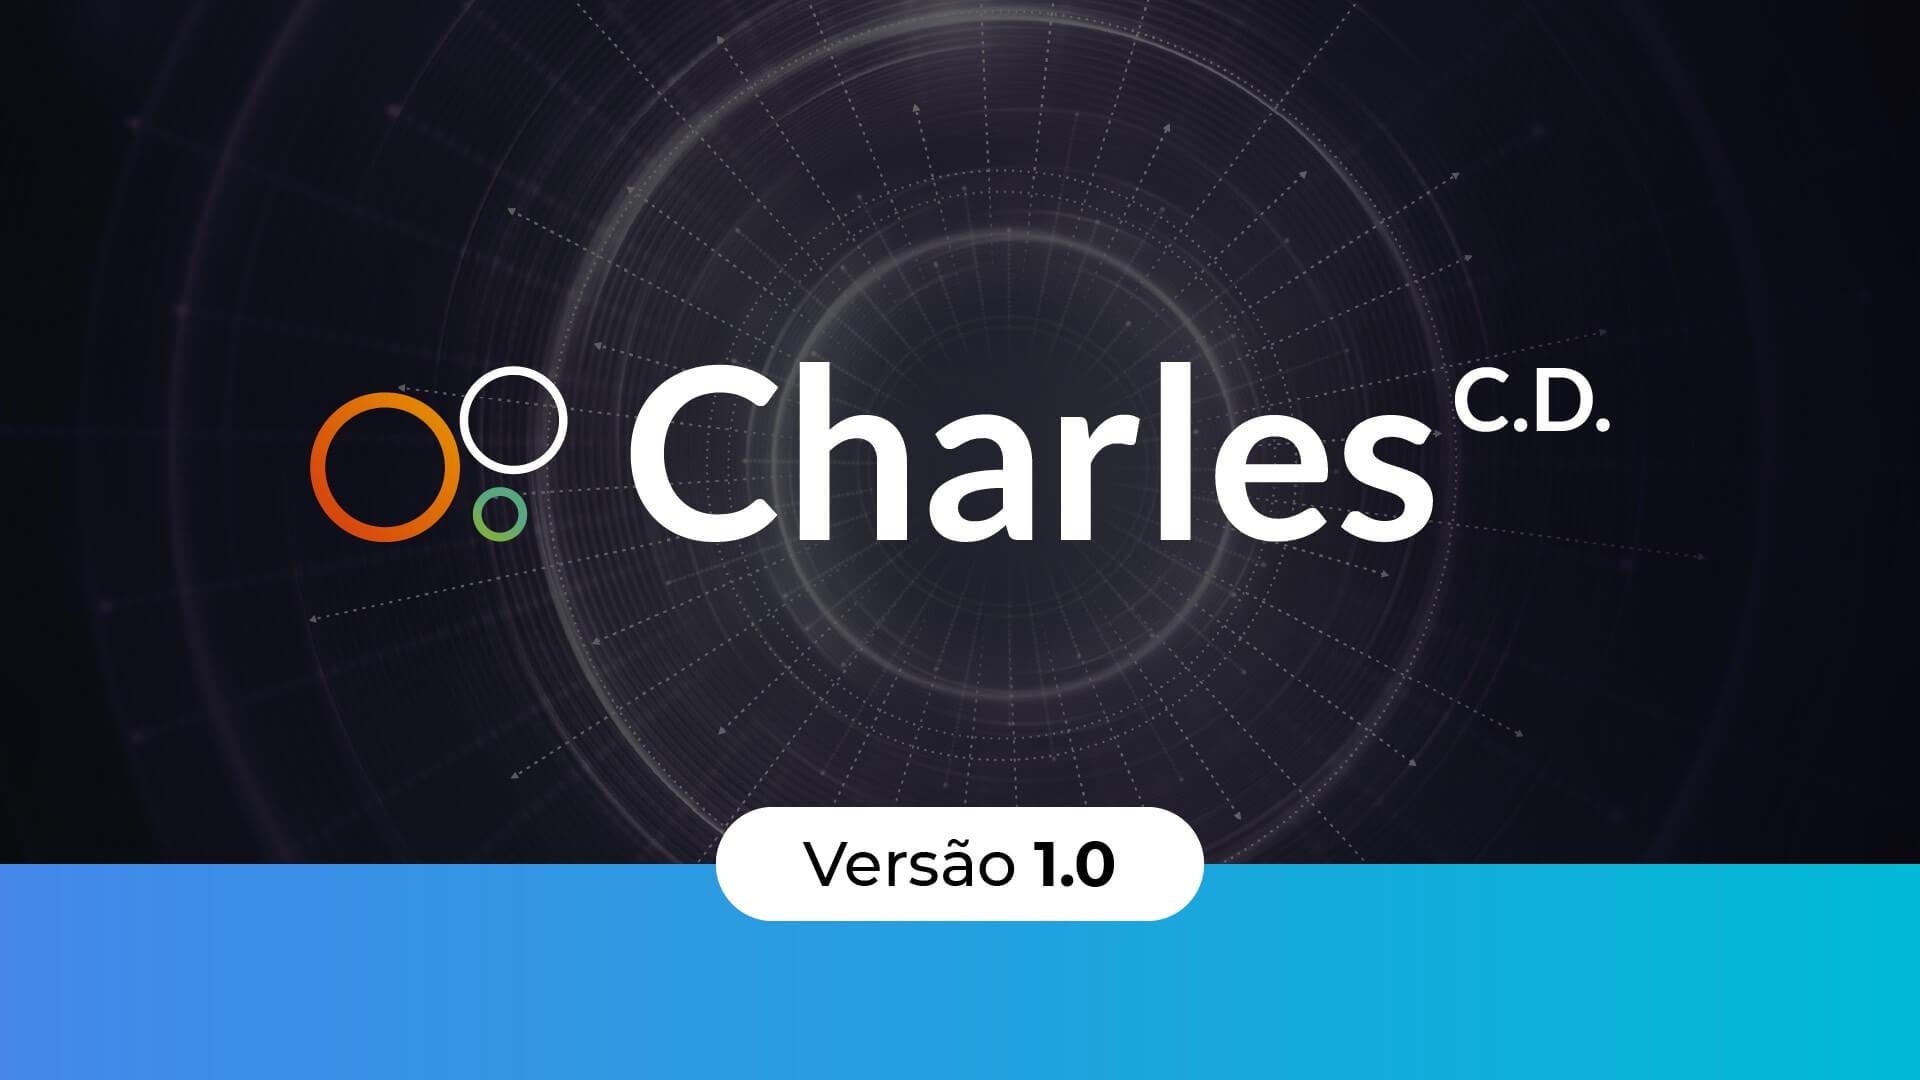 Charles CD 1.0: Uma nova forma de fazer deploys